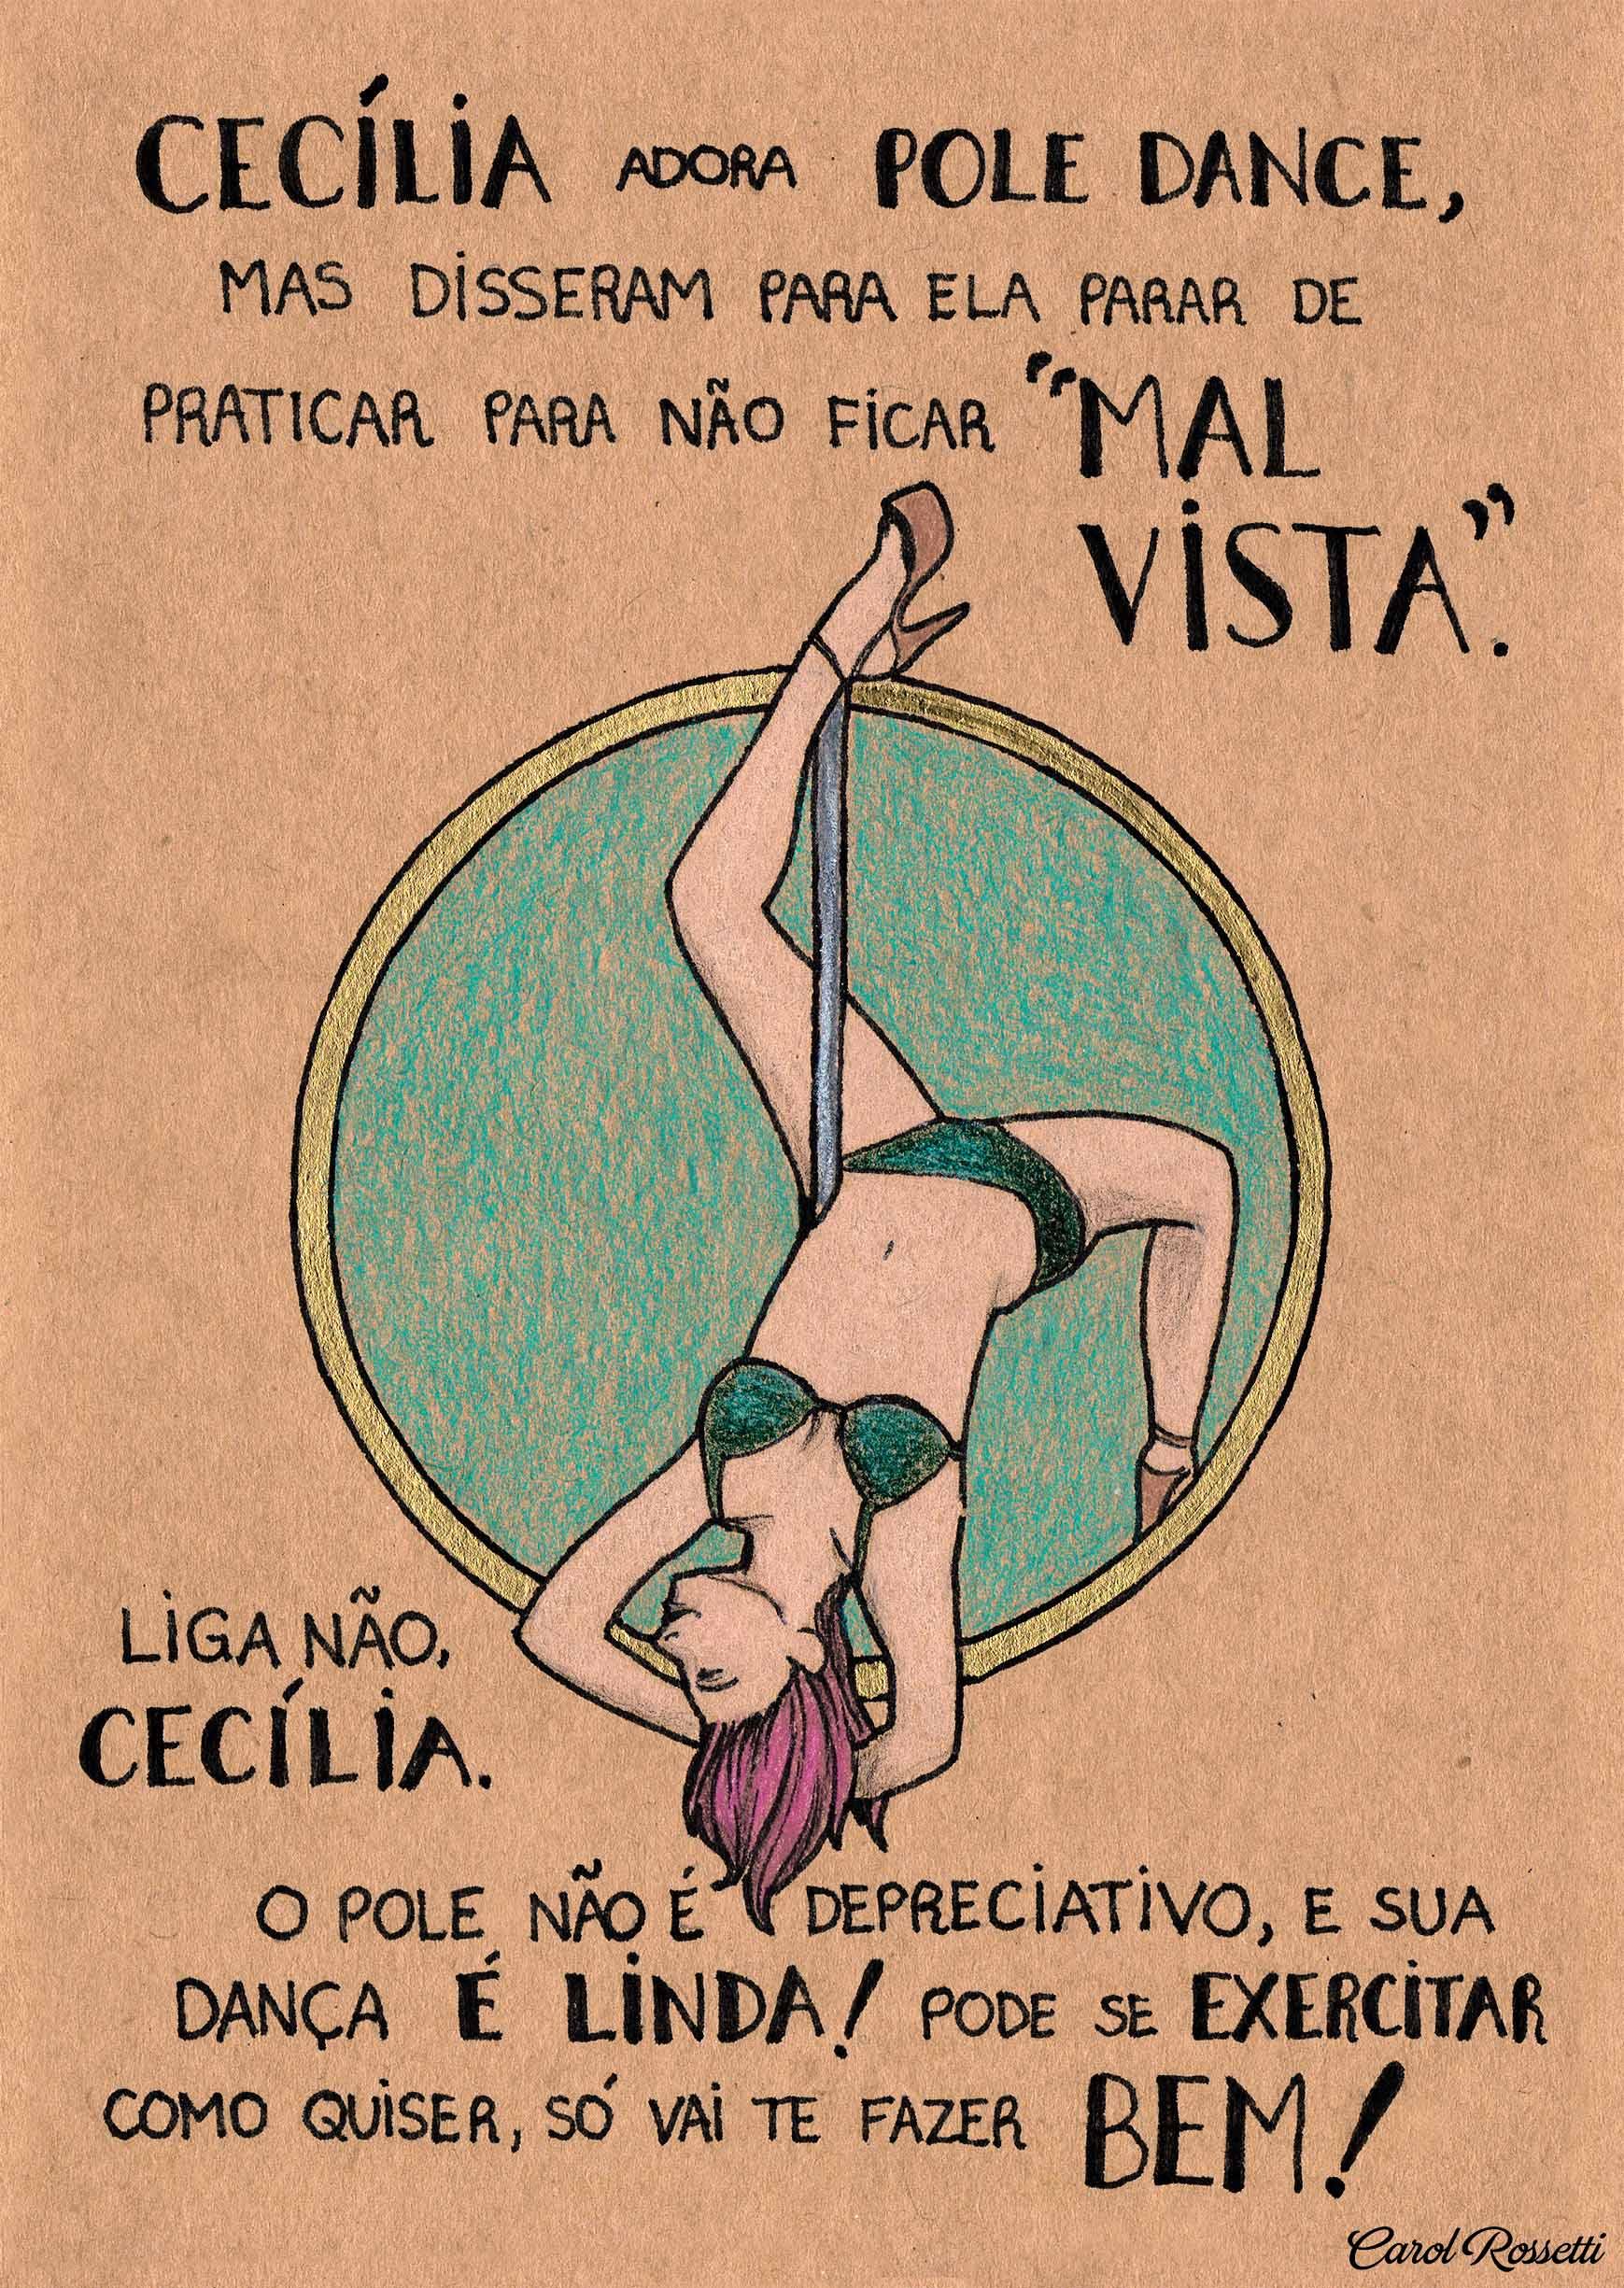 CR_CECILIA.jpg